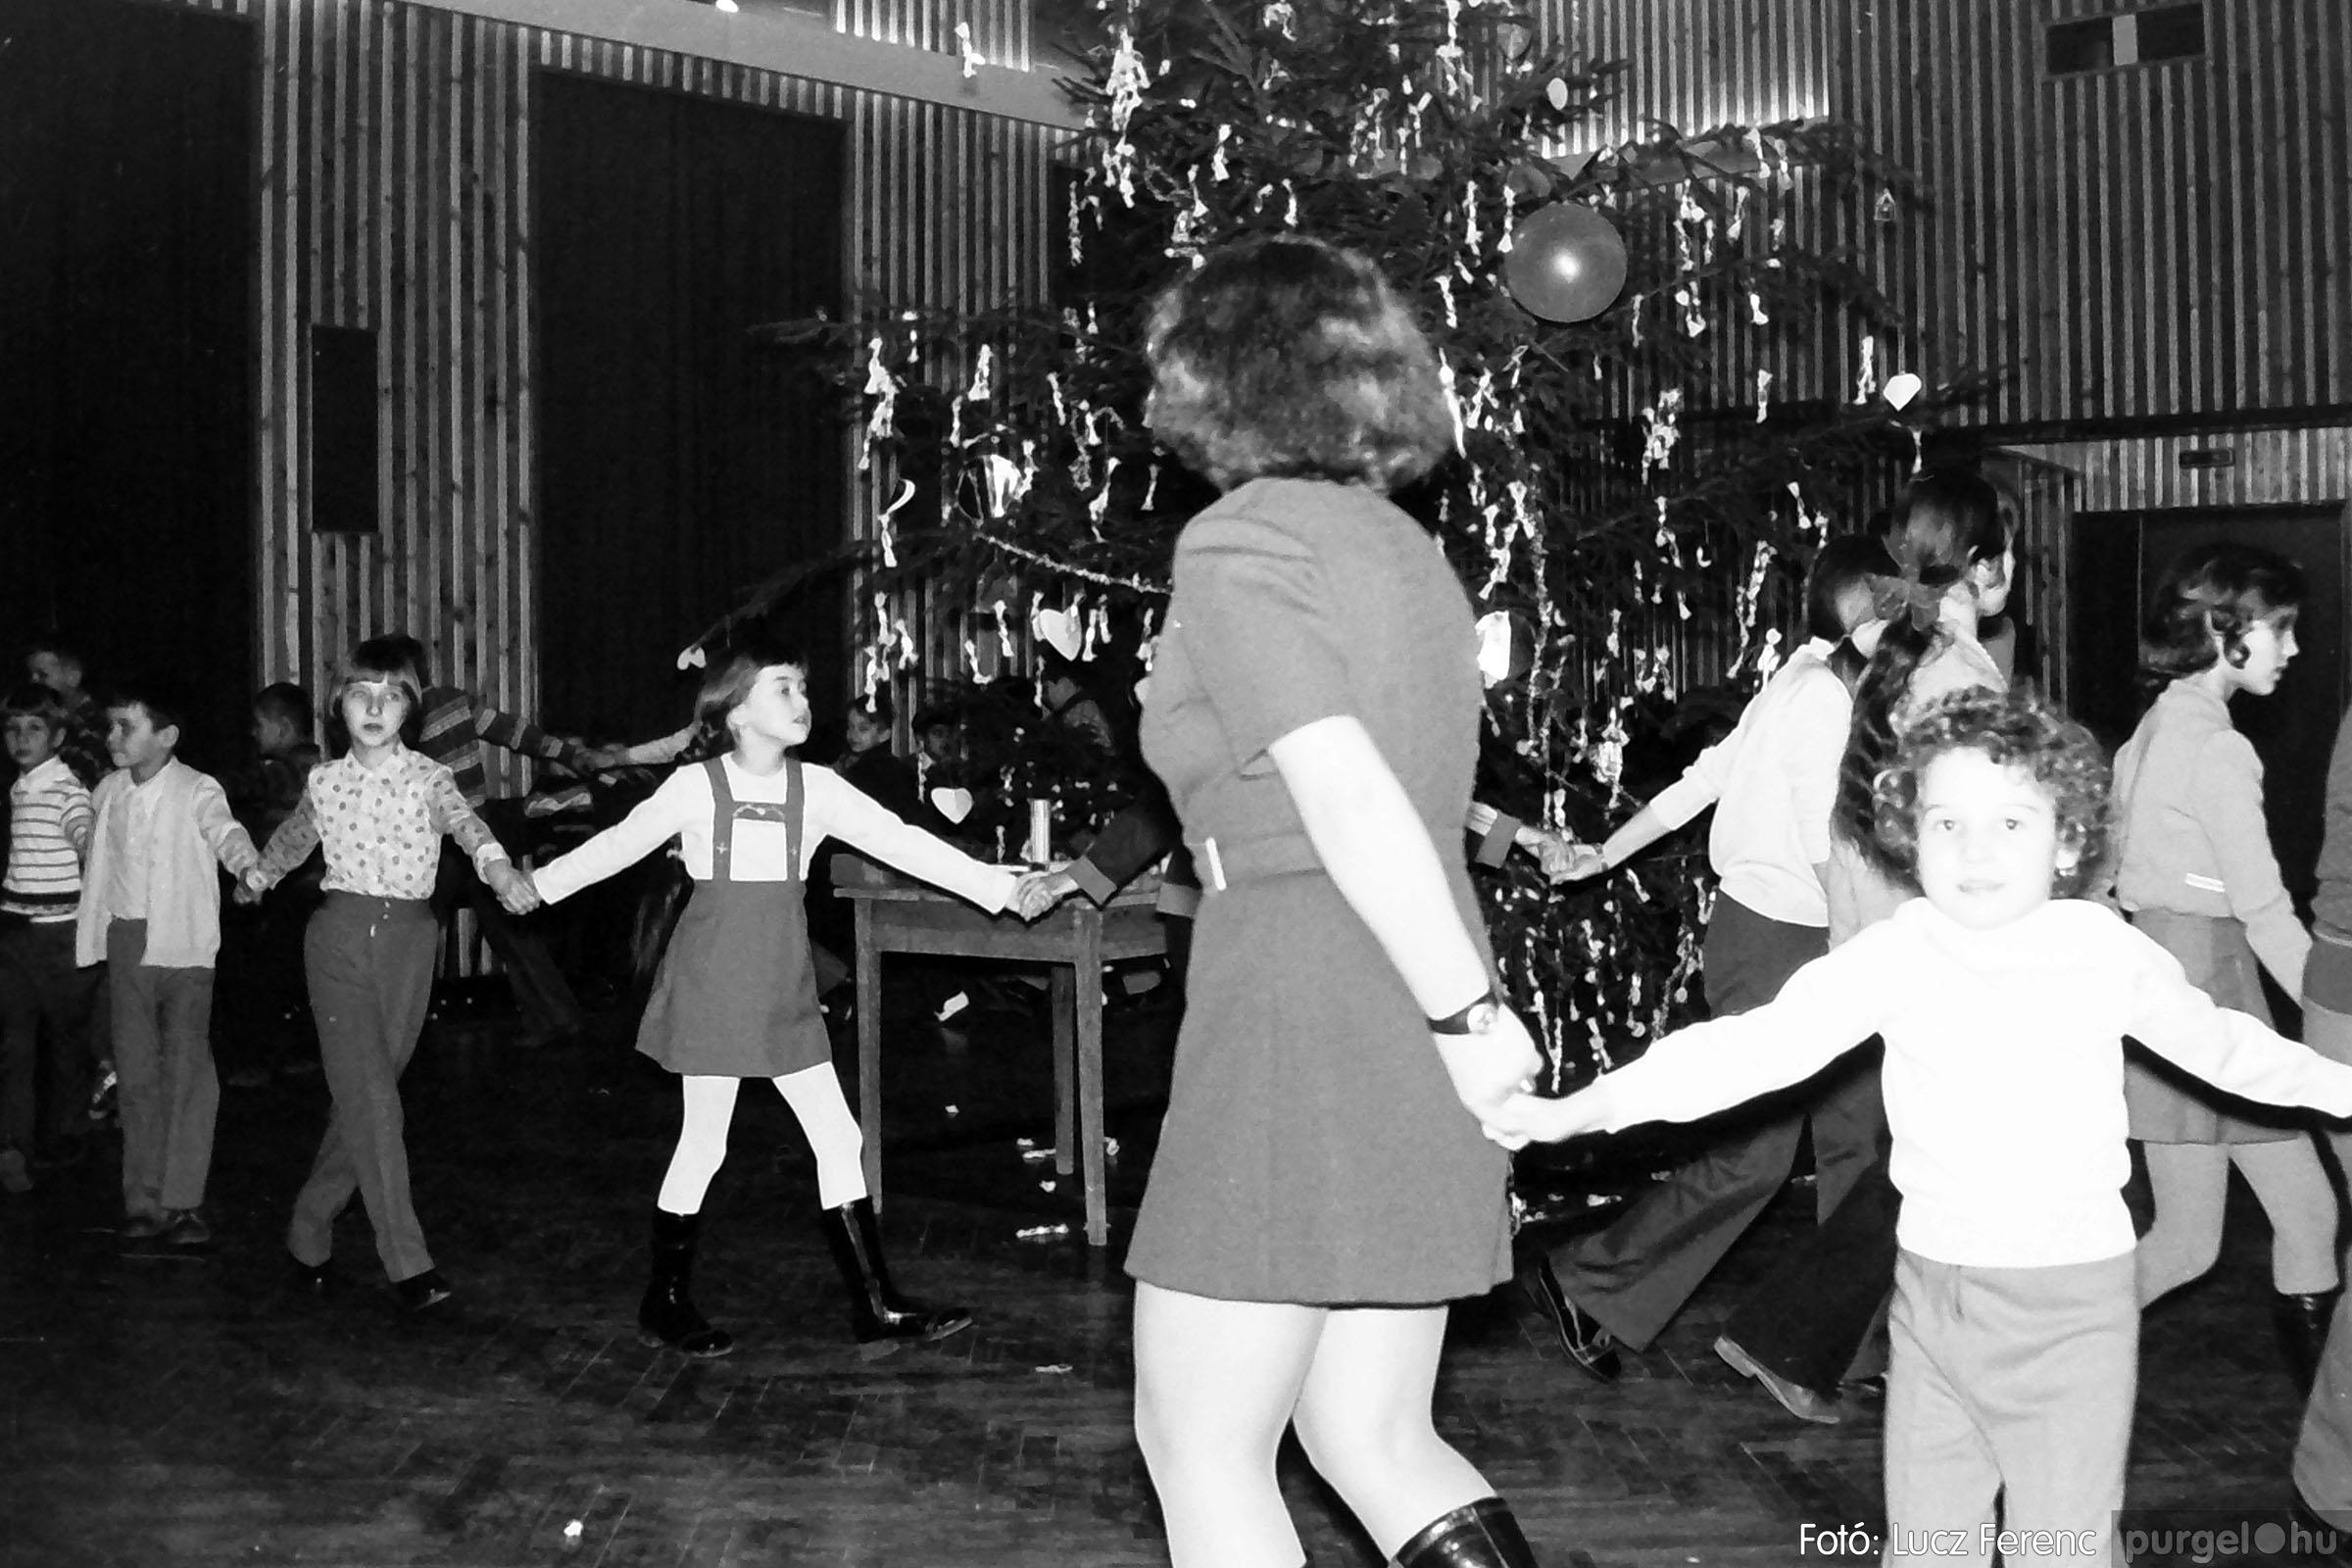 029 1975. Karácsonyi ünnepség a kultúrházban 005 - Fotó: Lucz Ferenc.jpg